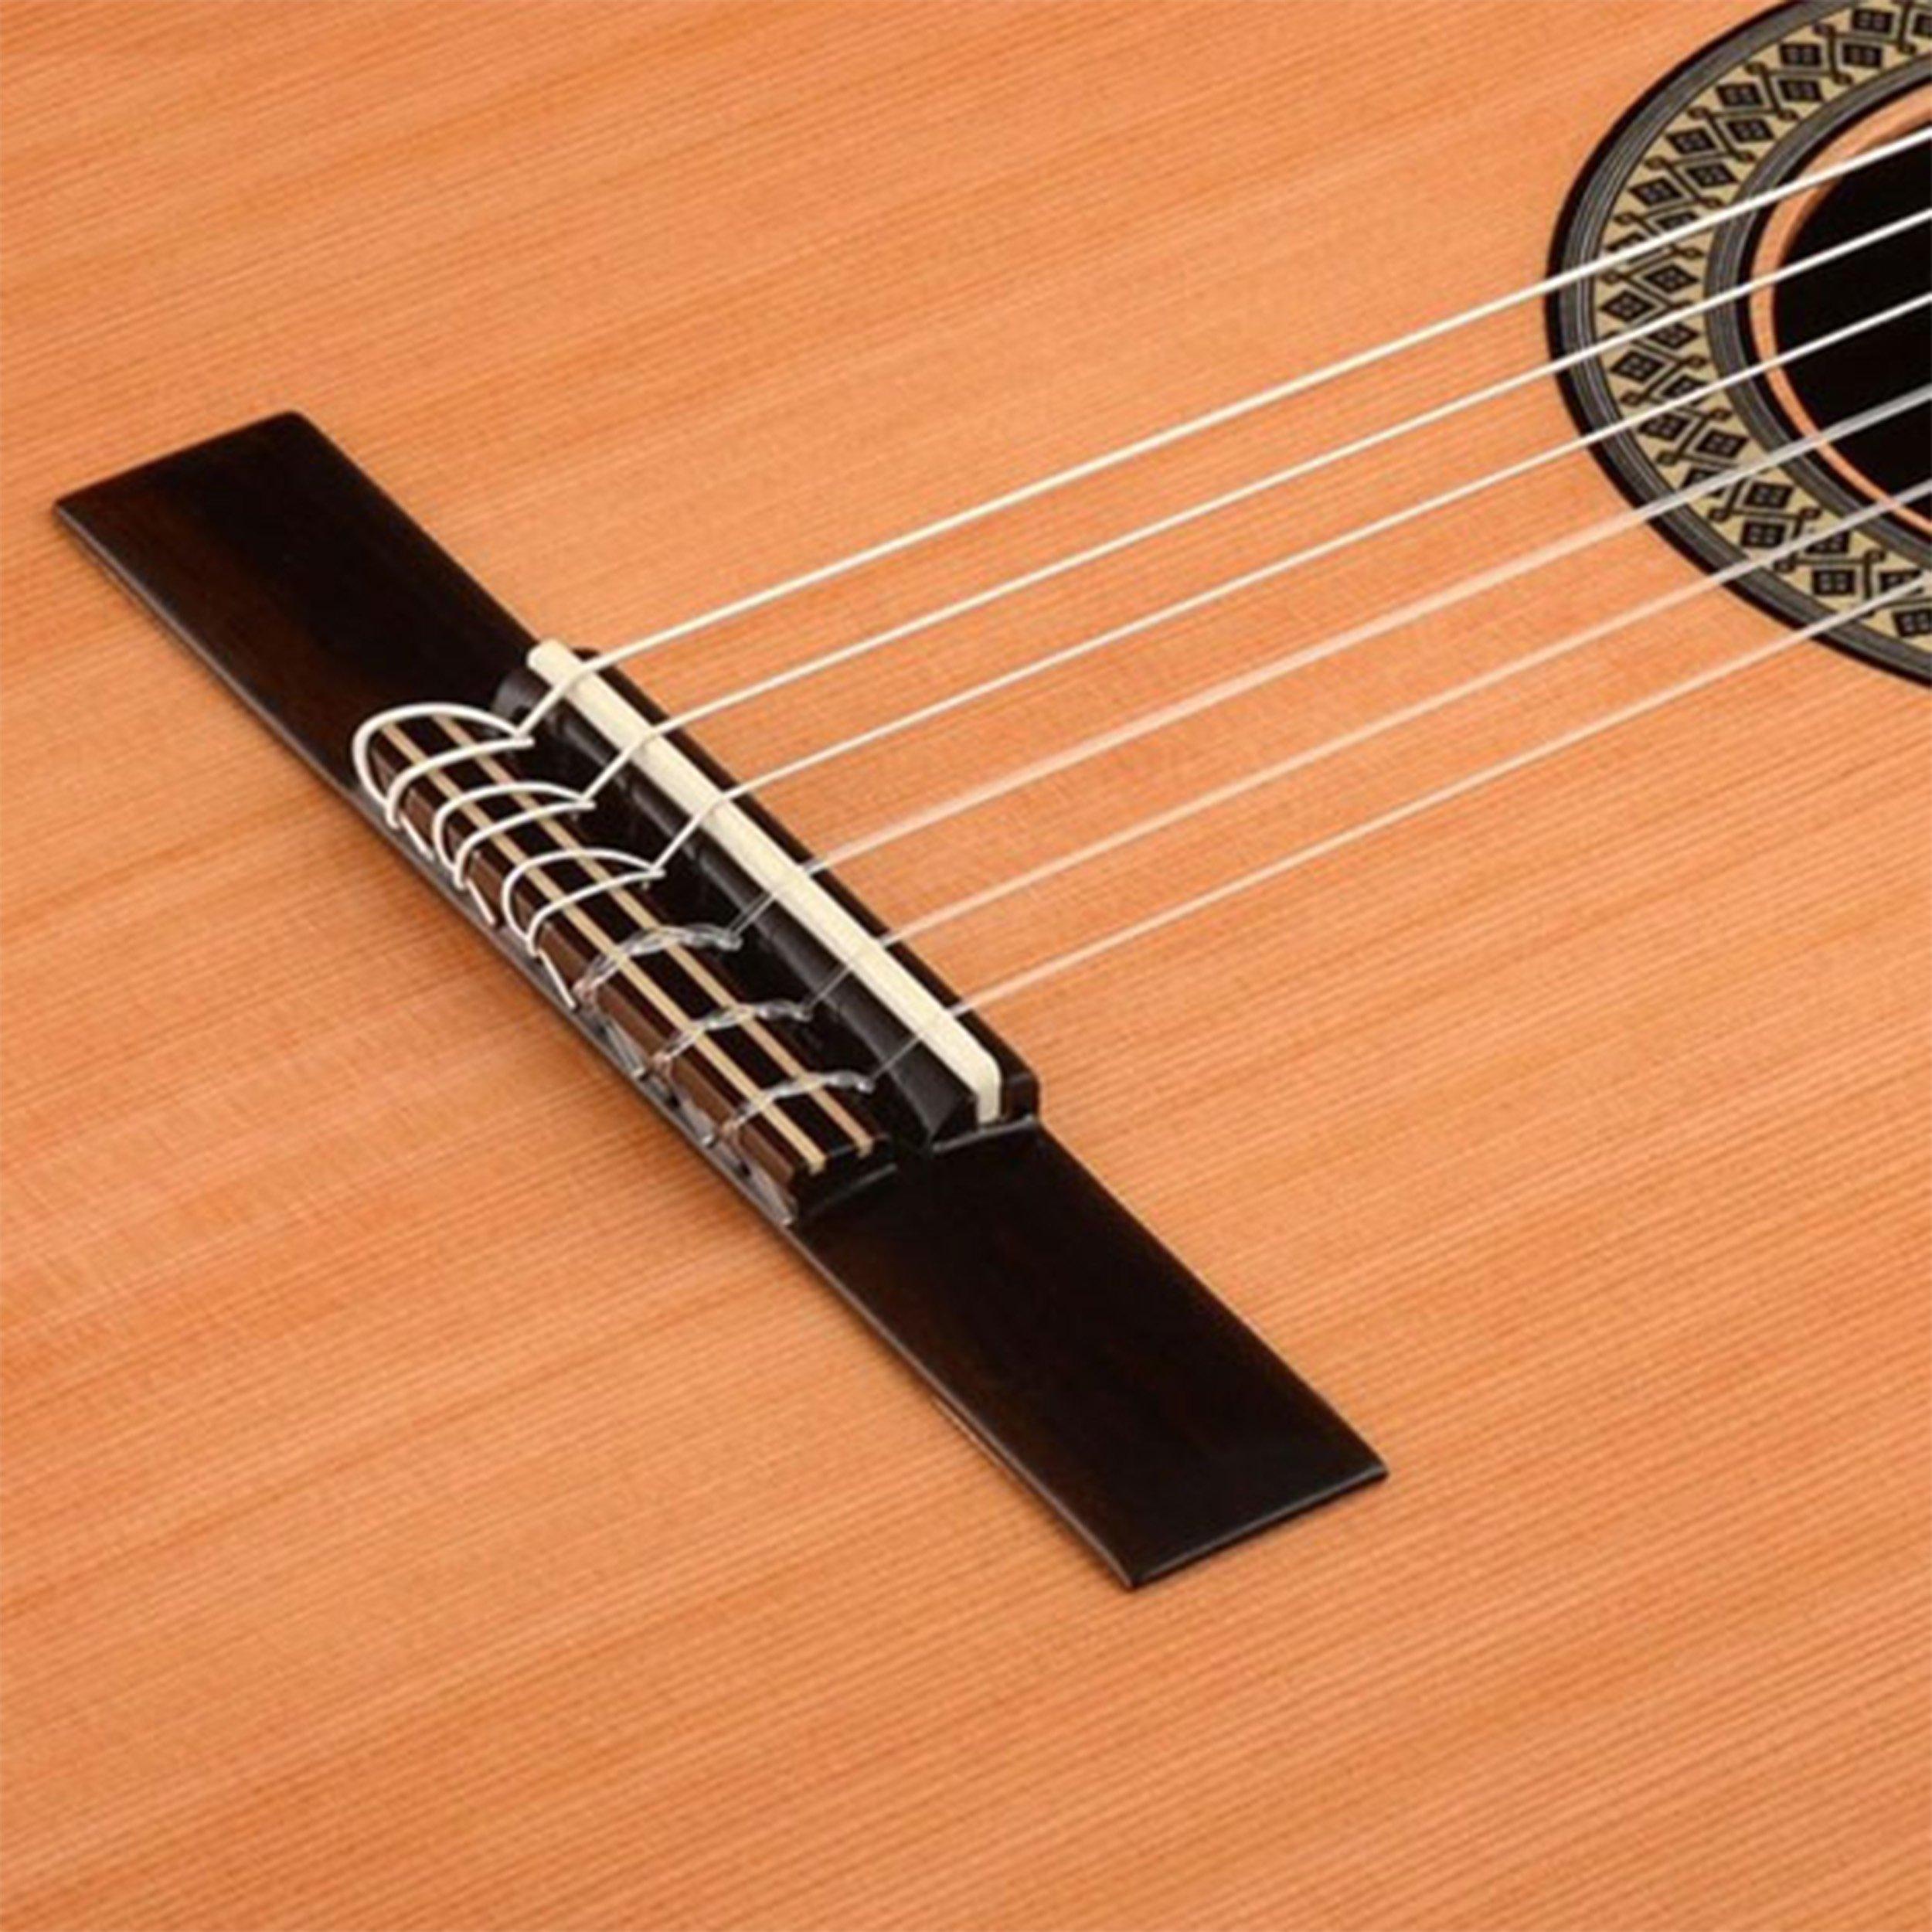 انتخاب سیم مناسب برای ساز | سیم گیتار